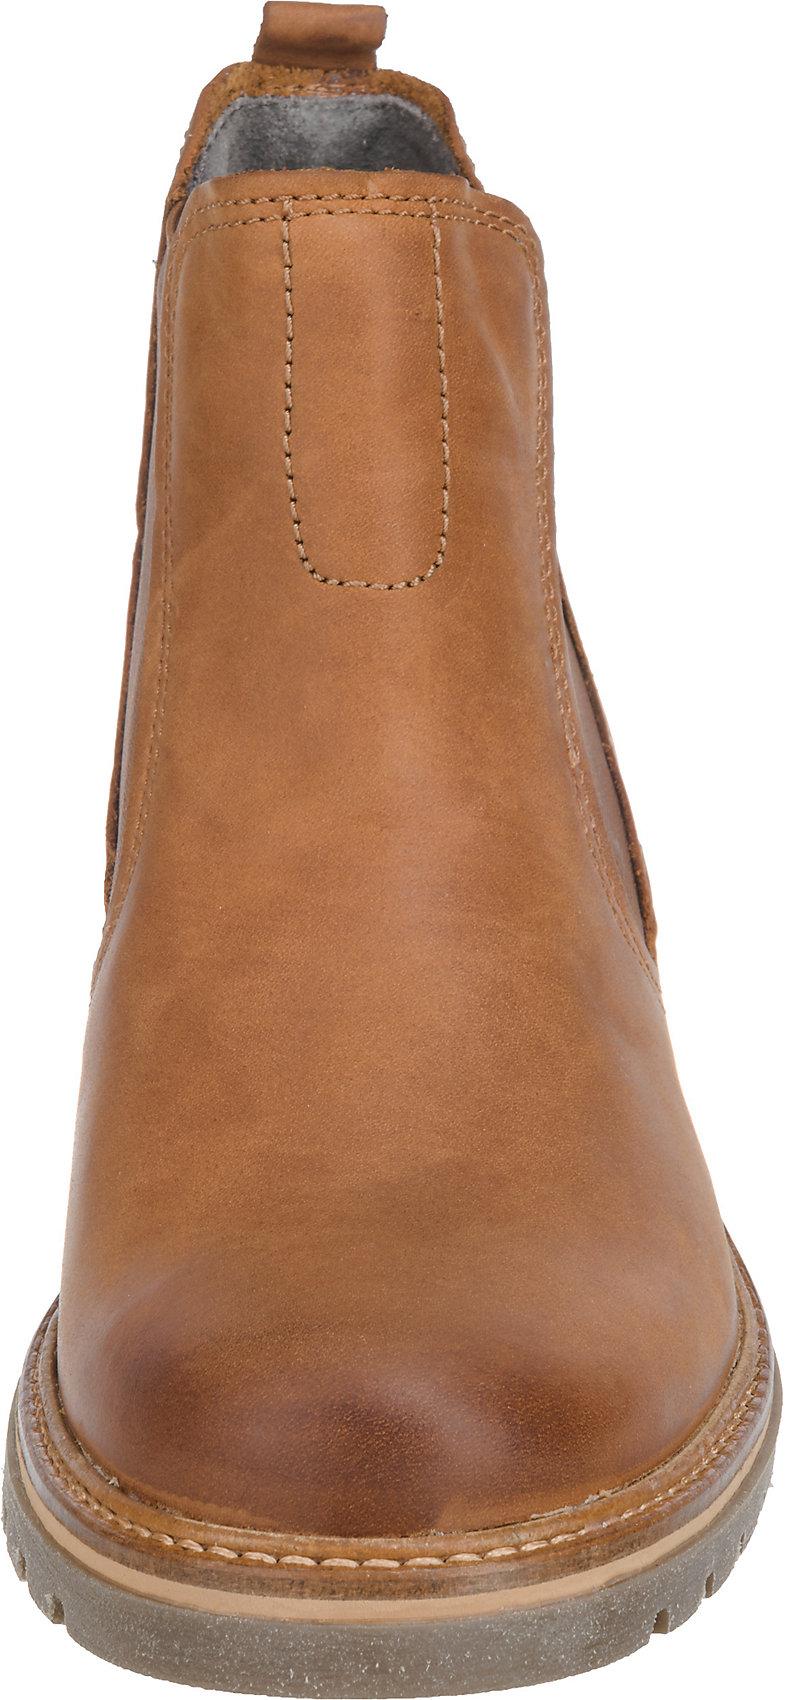 best prices entire collection so cheap Details zu Neu camel active Canberra Chelsea Boots 5778081 für Damen braun